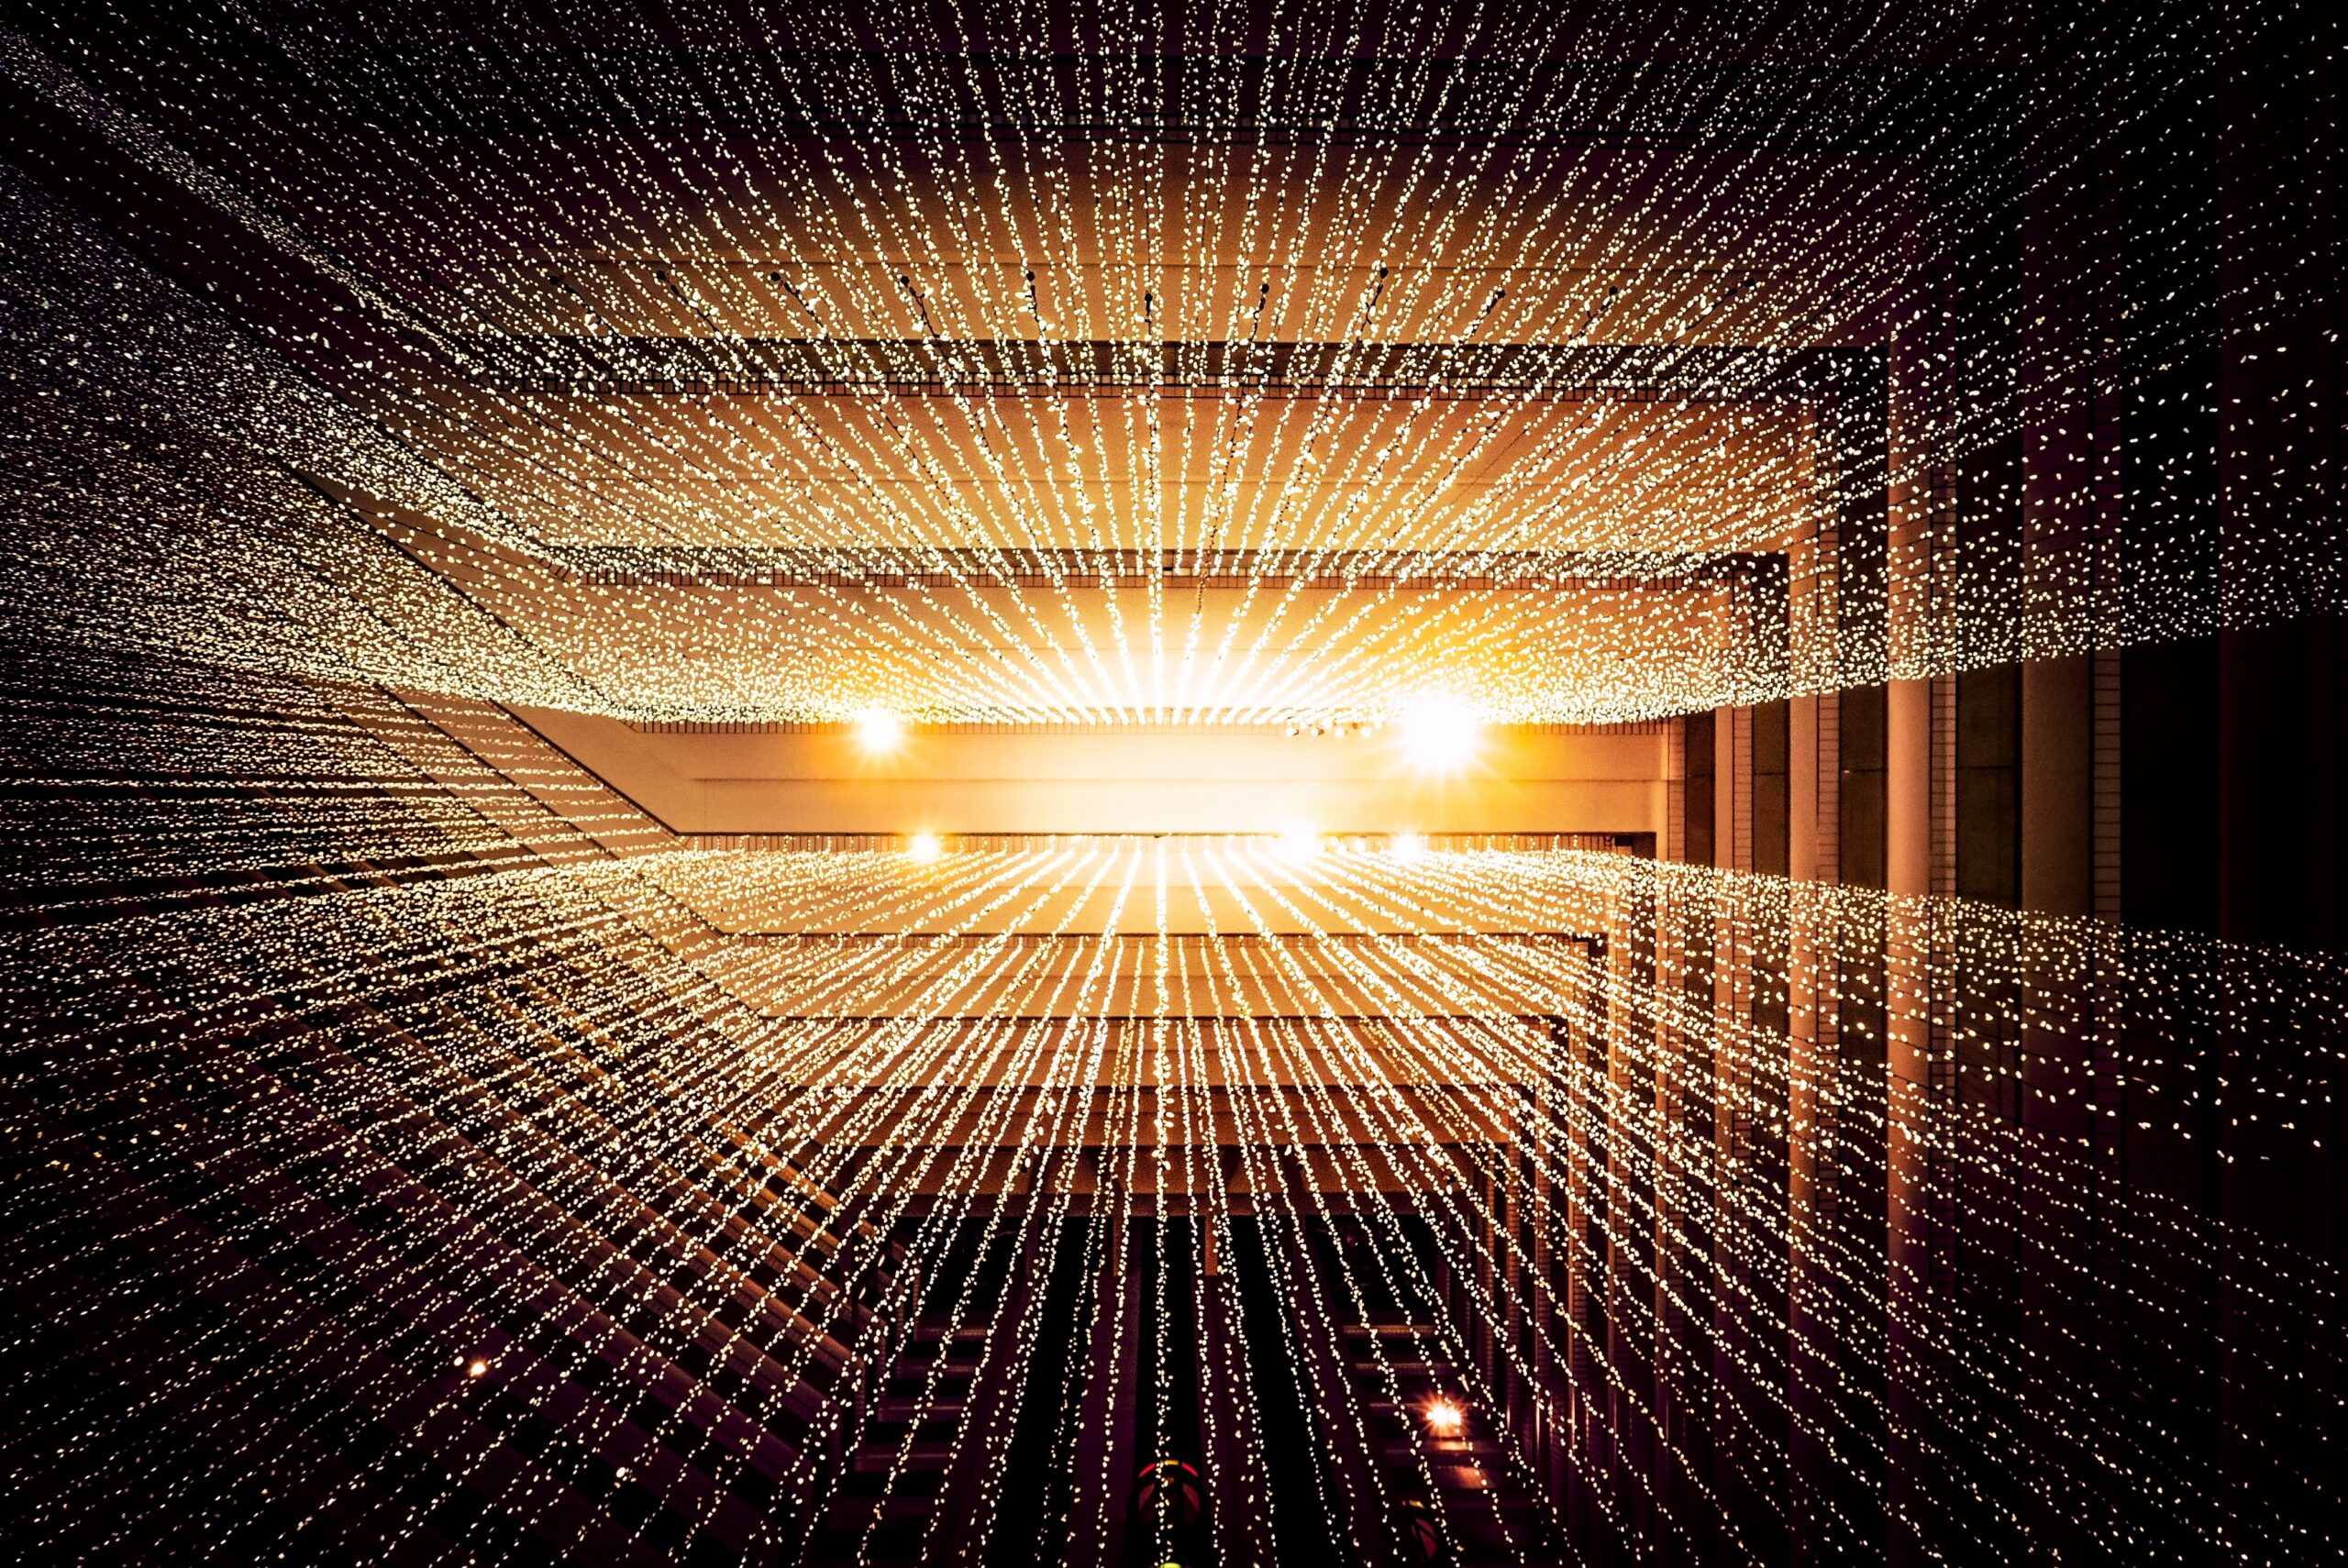 Statalizzare i sistemi cloud? Farebbe male al Paese